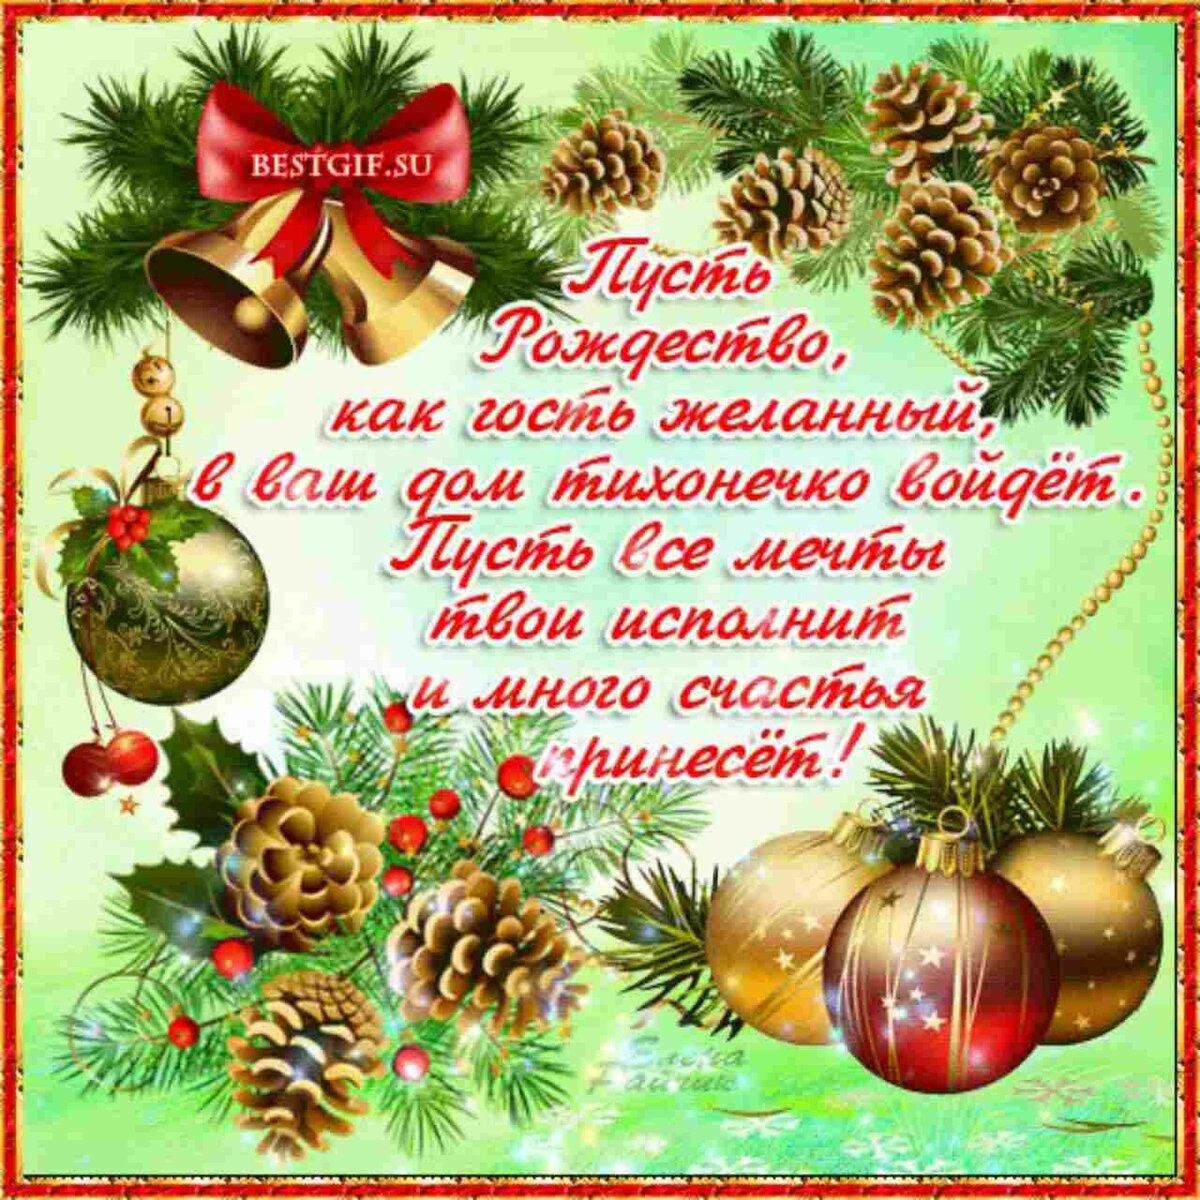 поздравление с католическим рождеством в стихах читаеться фотографию